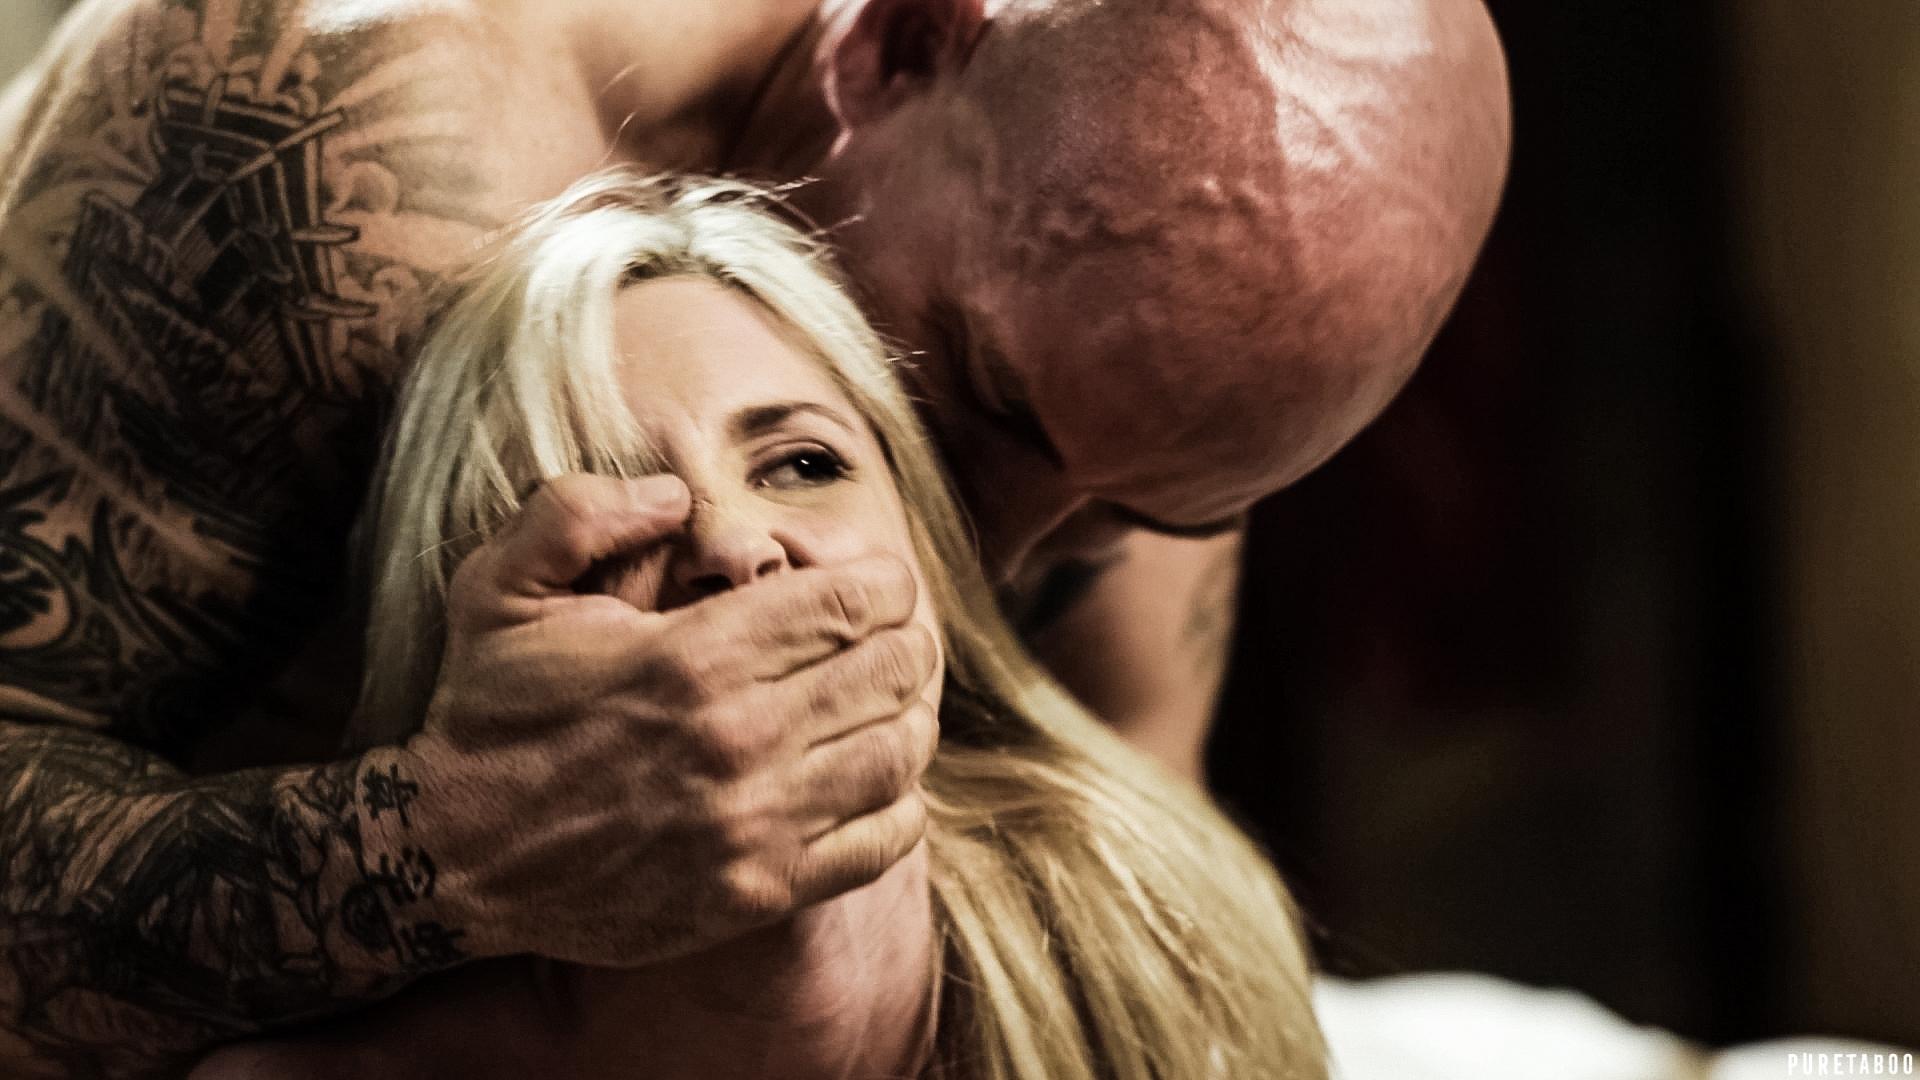 Порно видео в HD качестве (ХД качестве)